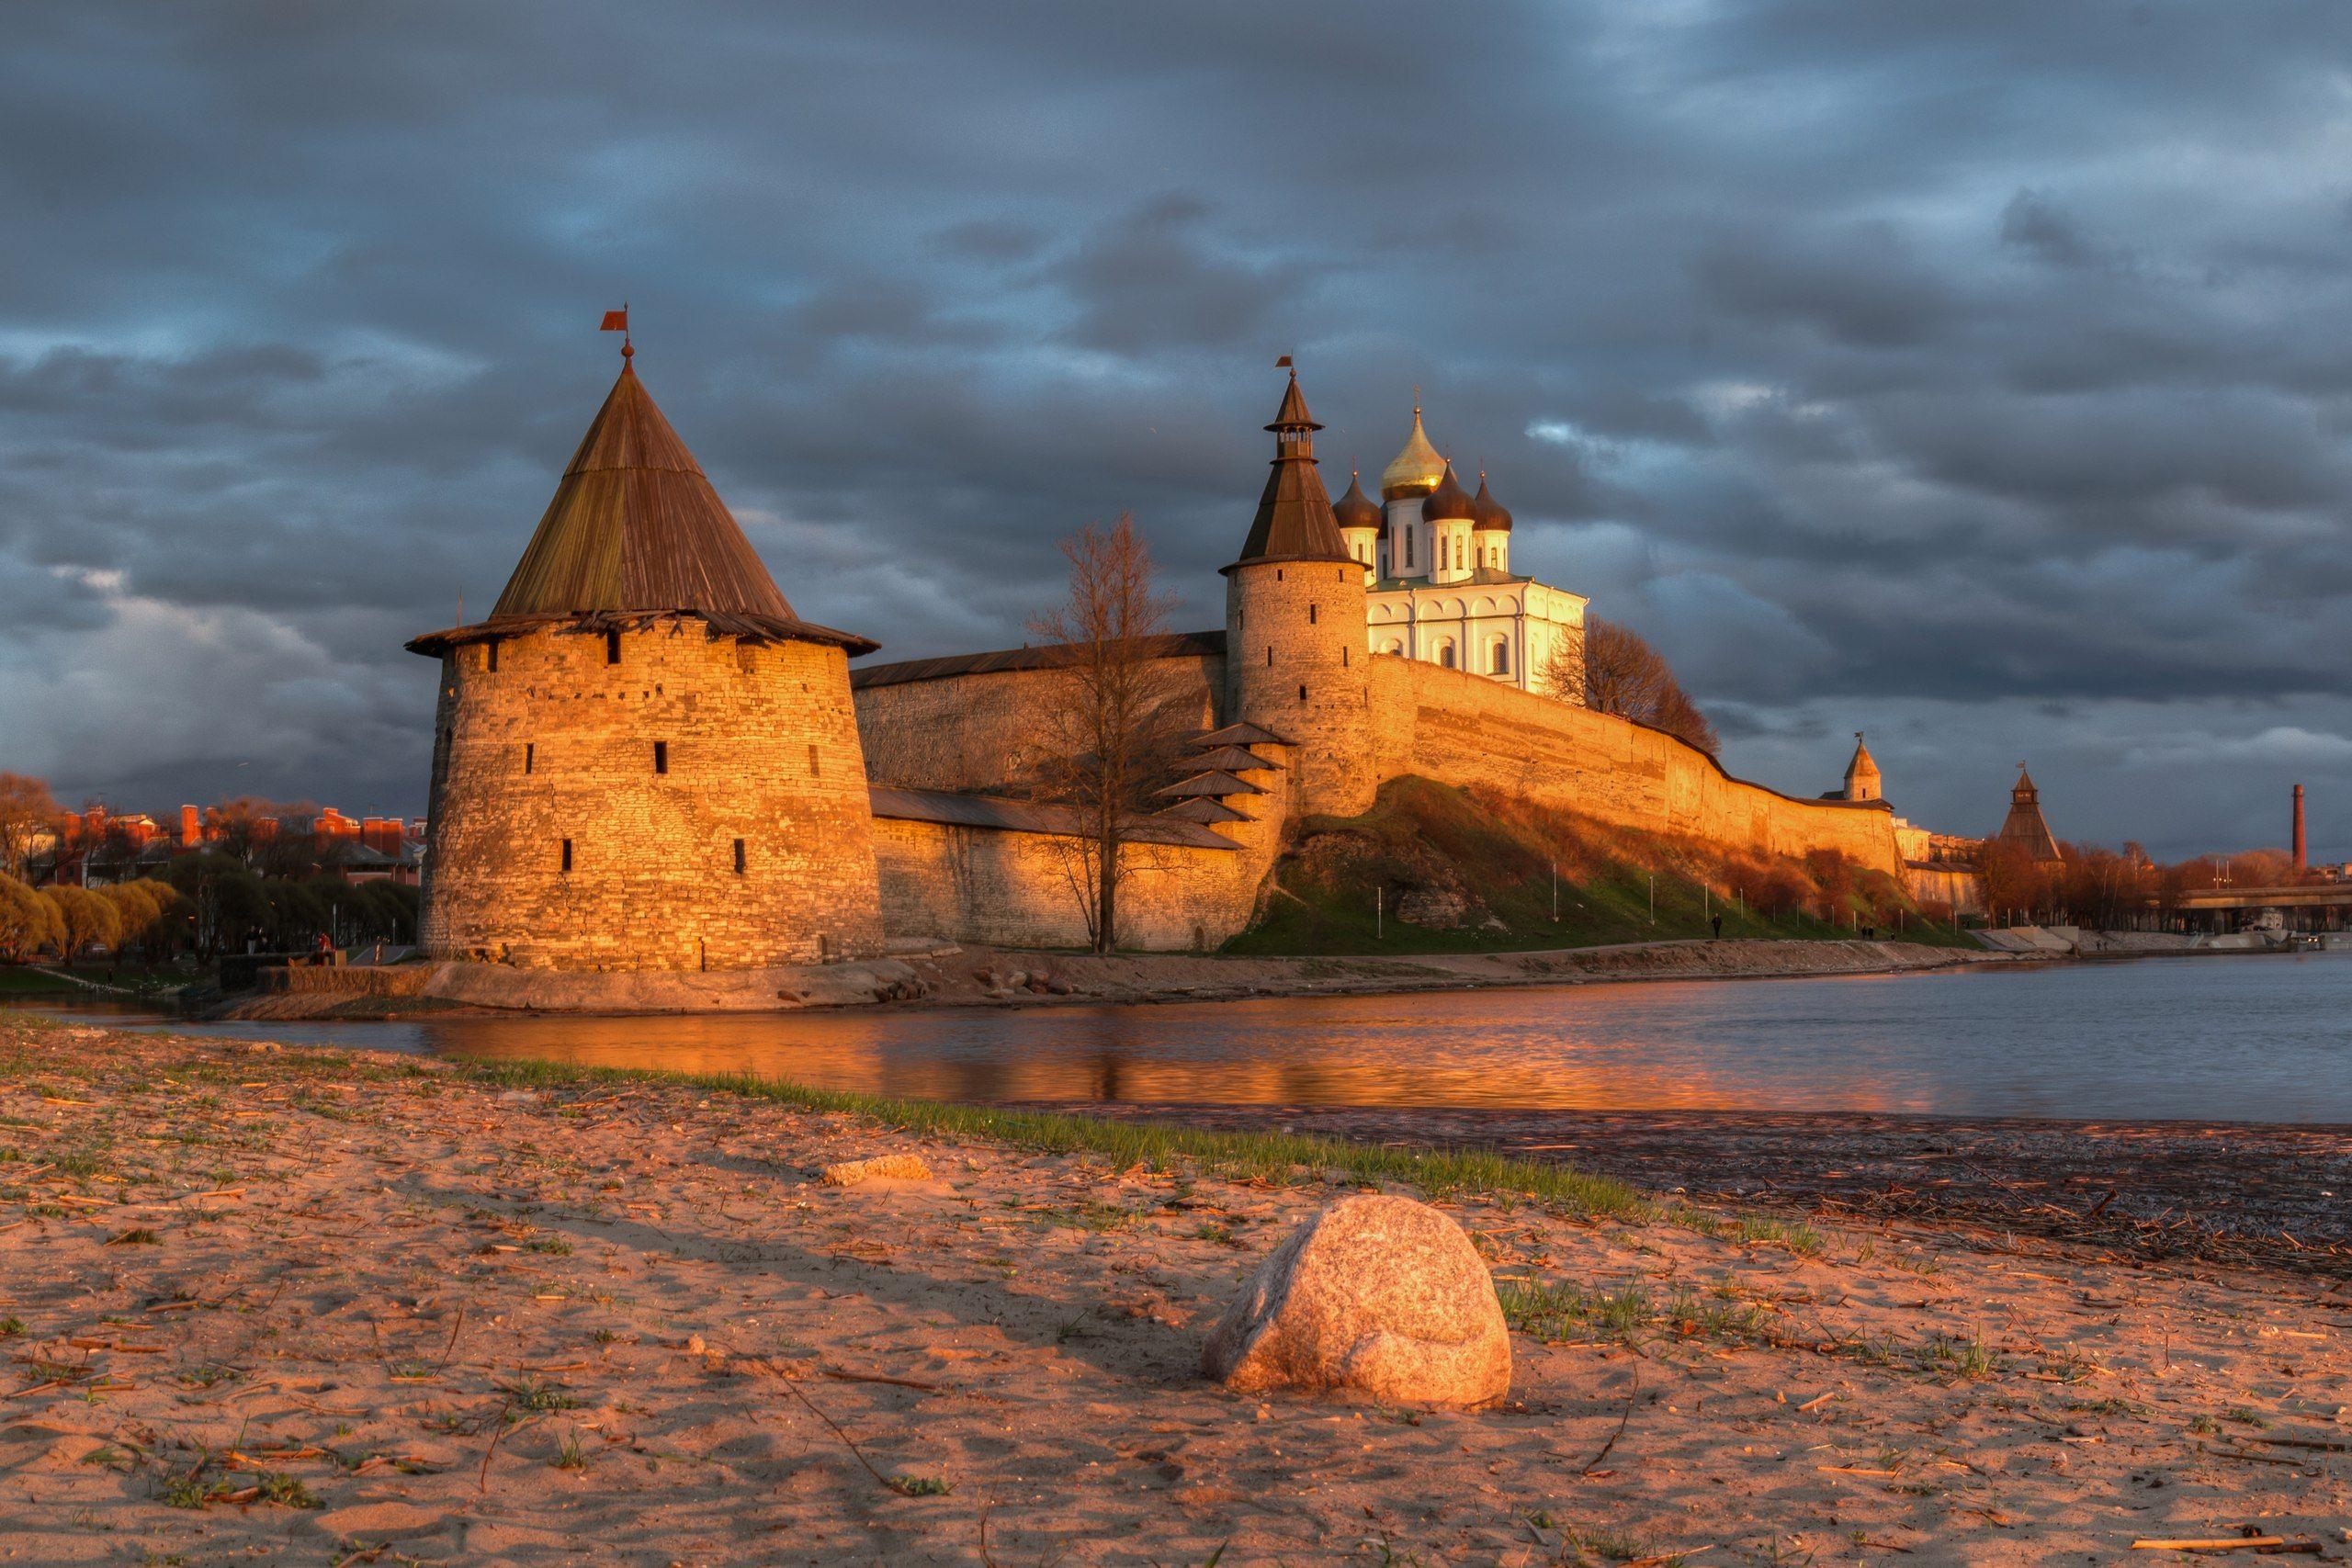 Псков, Кремль, Кром, крепость, история, реки, река, пскова, Великая, небо, закат, Мержанов Дима